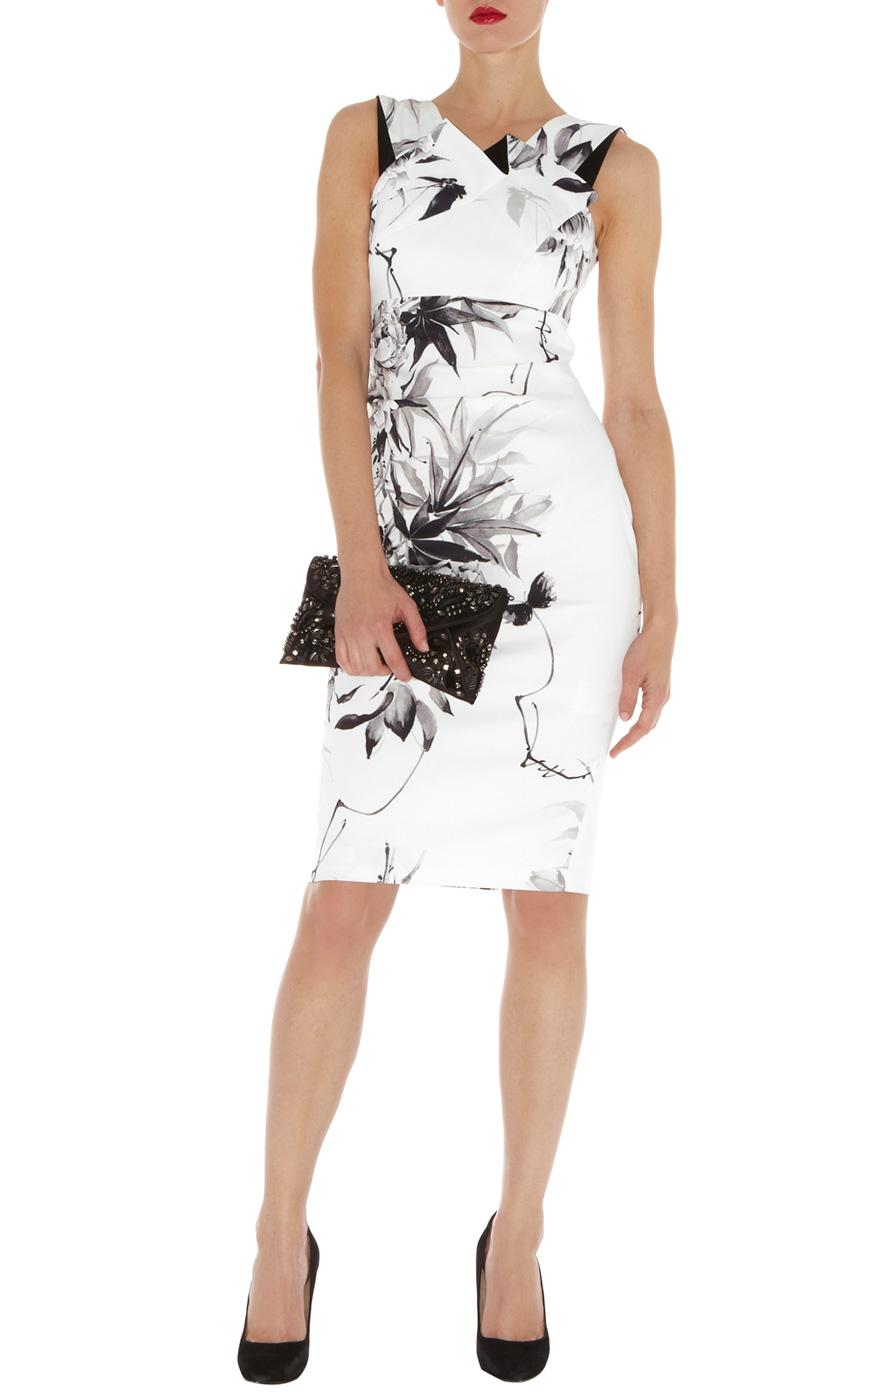 Karen Millen Oriental Floral Print Dress In White Cream